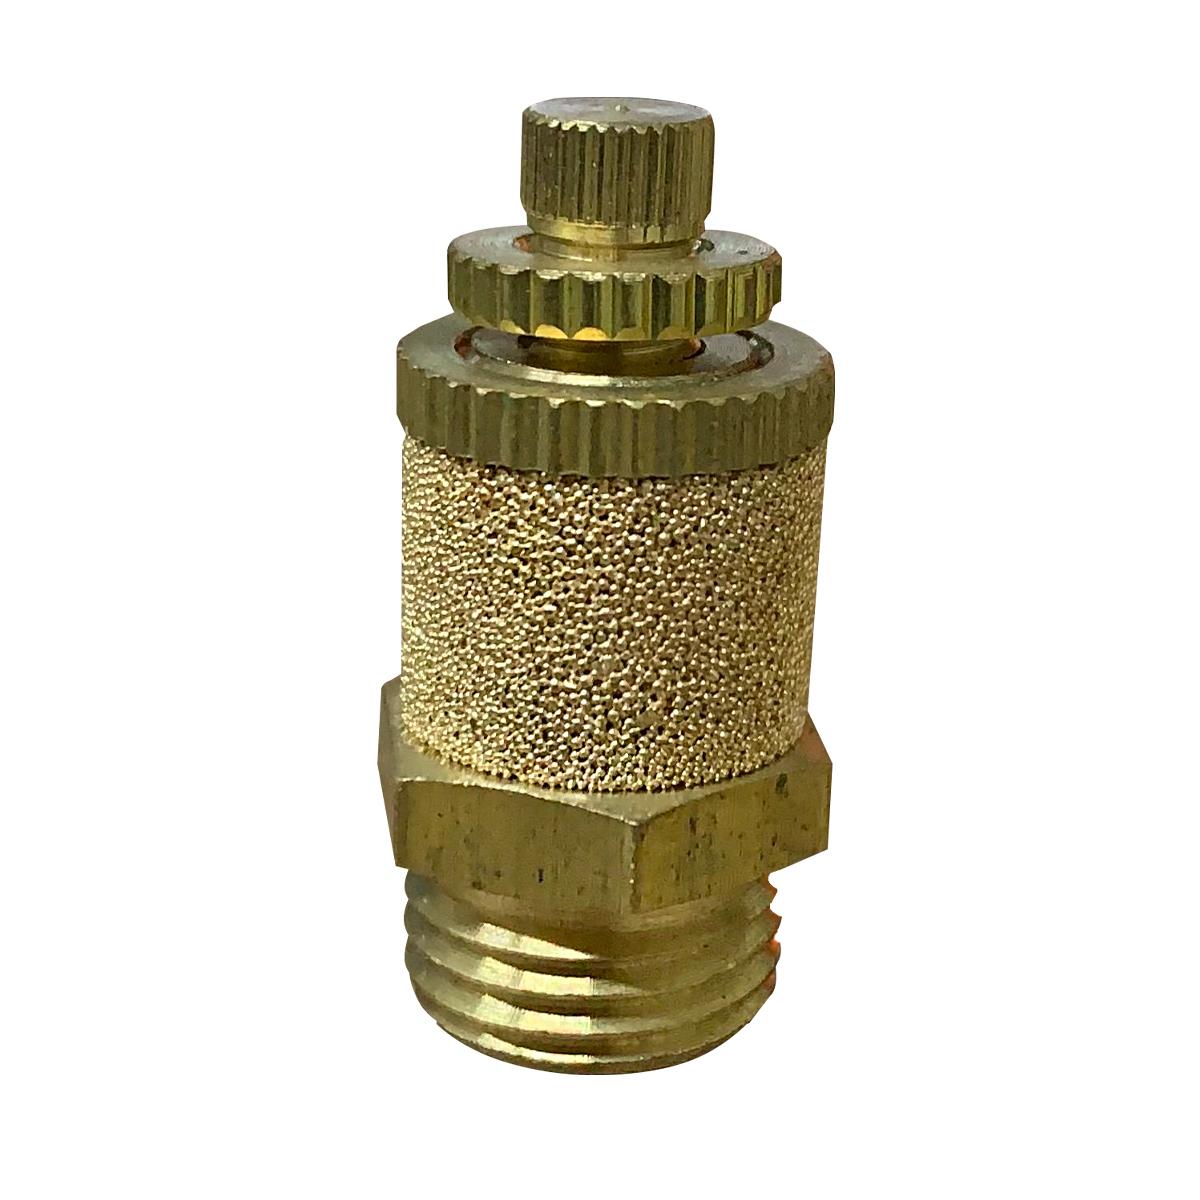 Silenciador Pneumático C/ Controle De Fluxo Rosca 1/4 - 2 Unidades